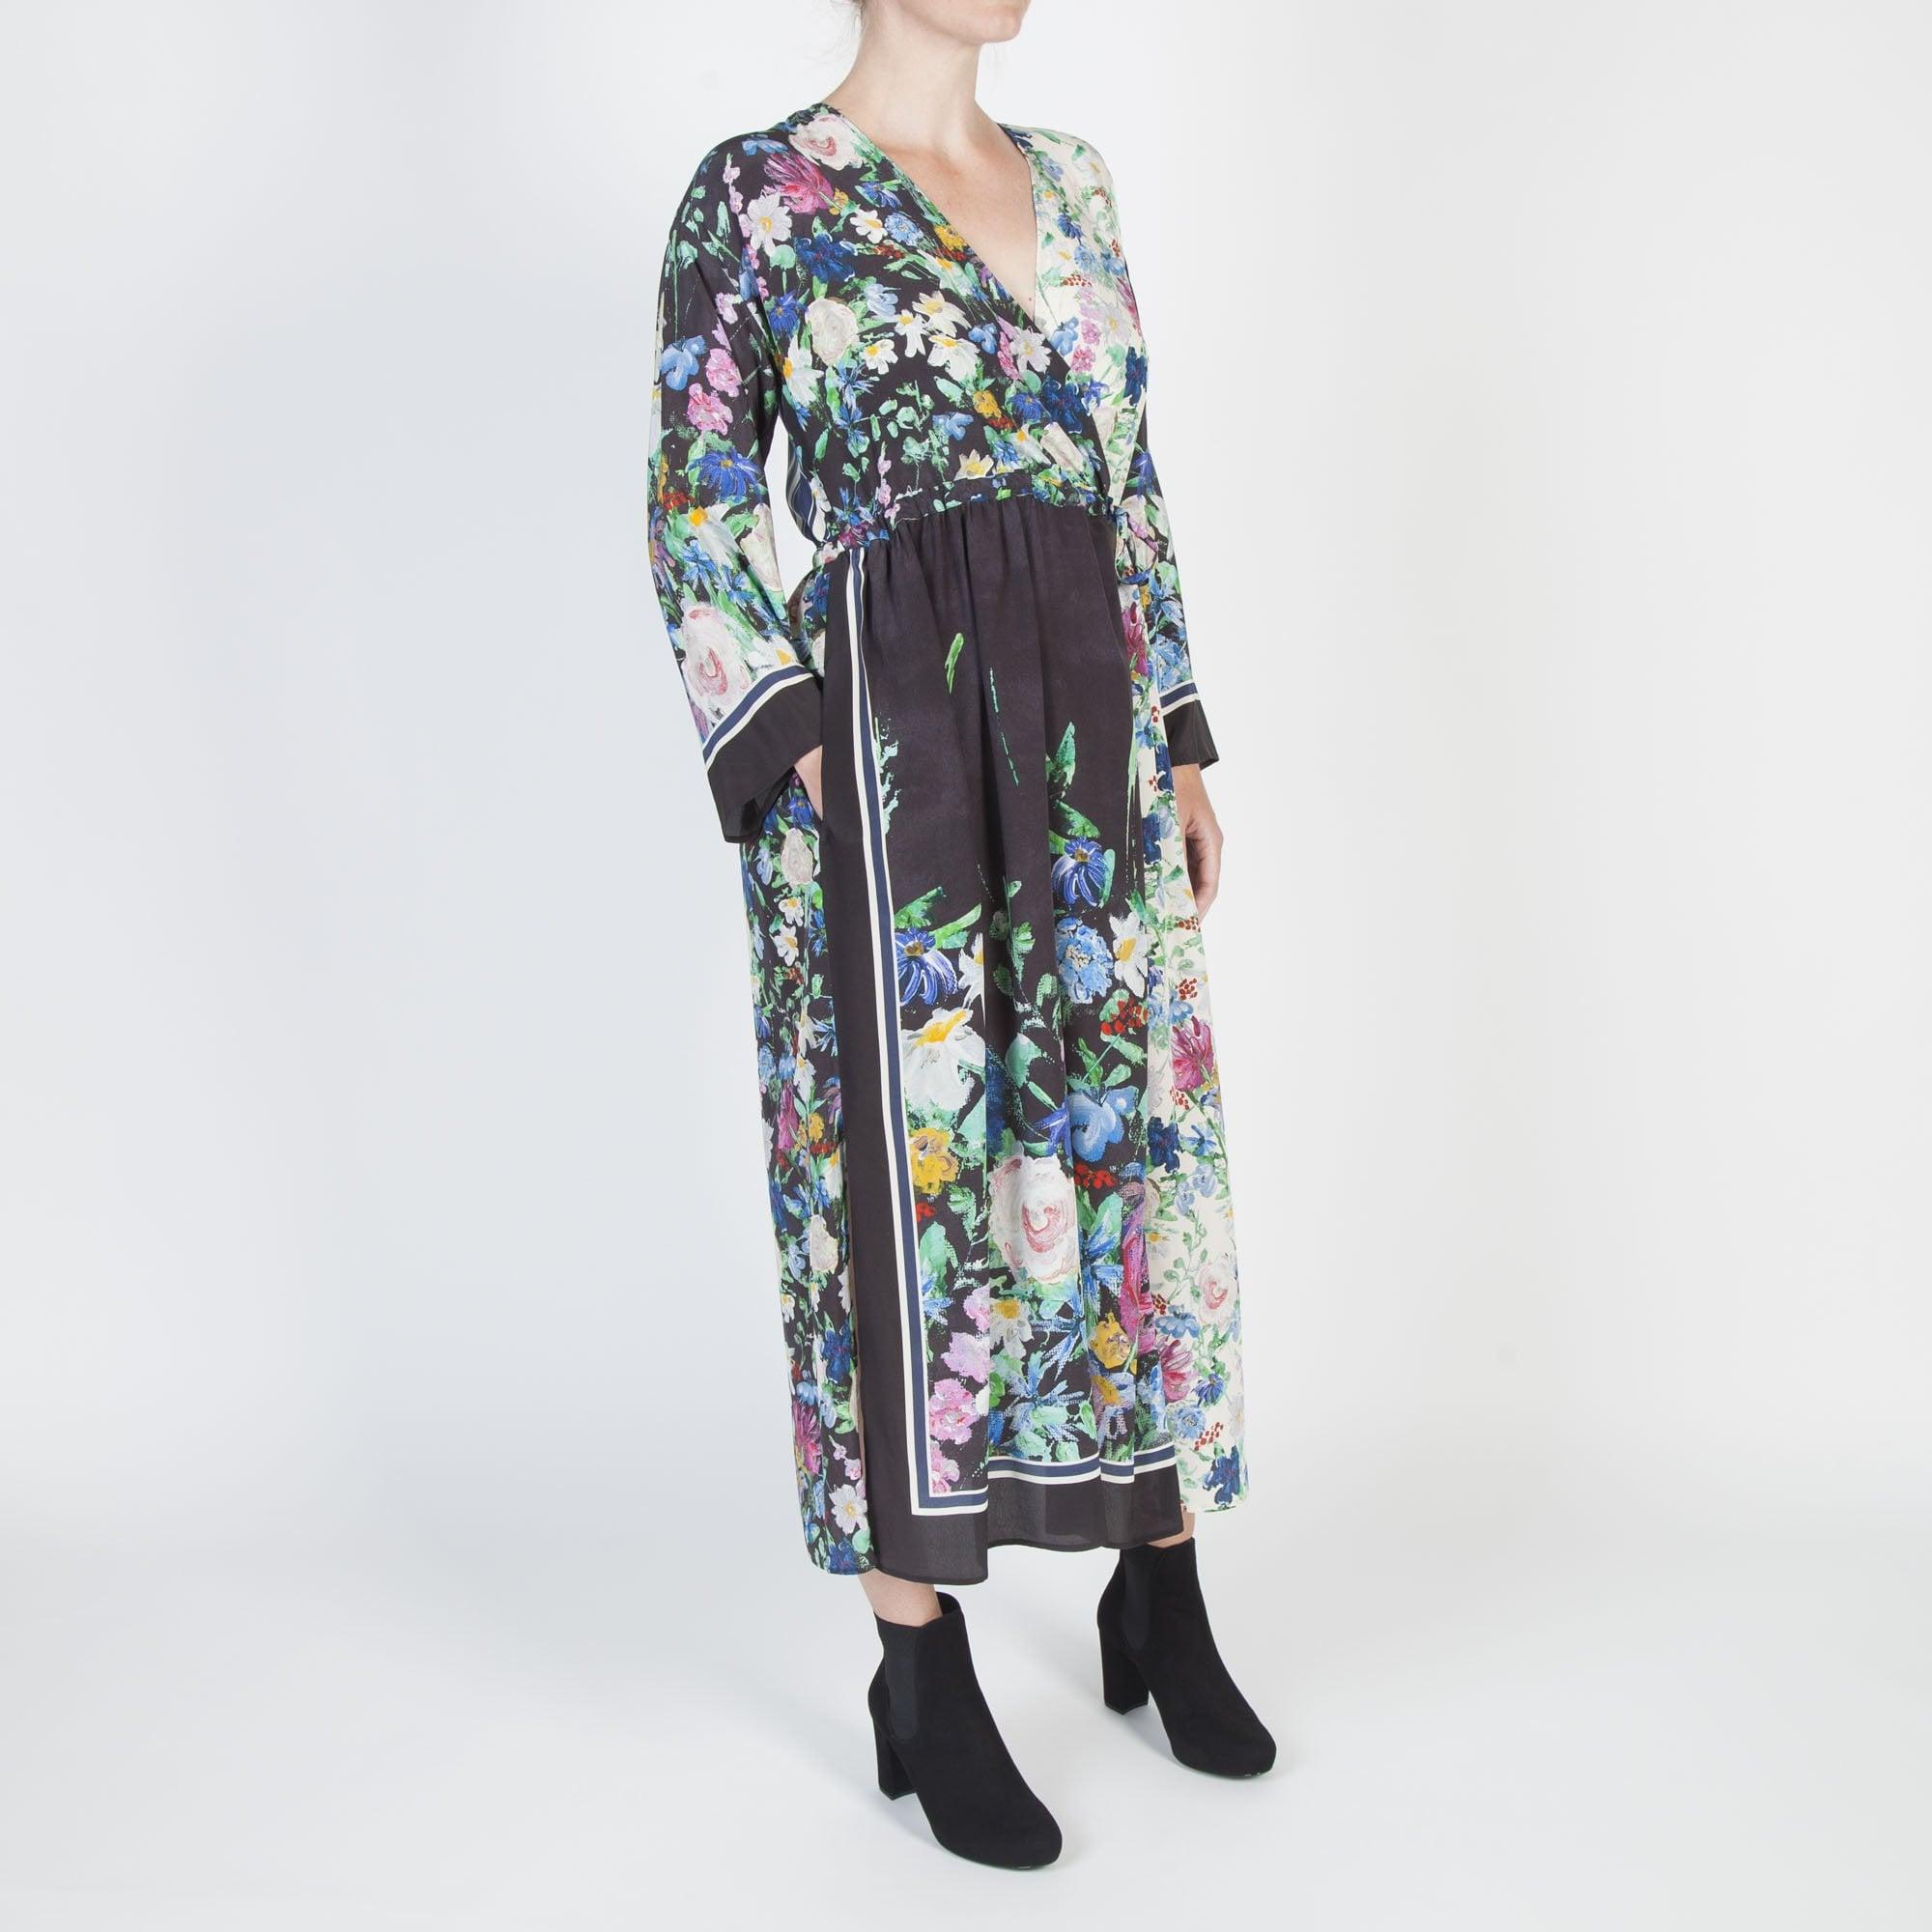 c0d89231866 S Max Mara Smalto Silk Floral Dress in Black Multi